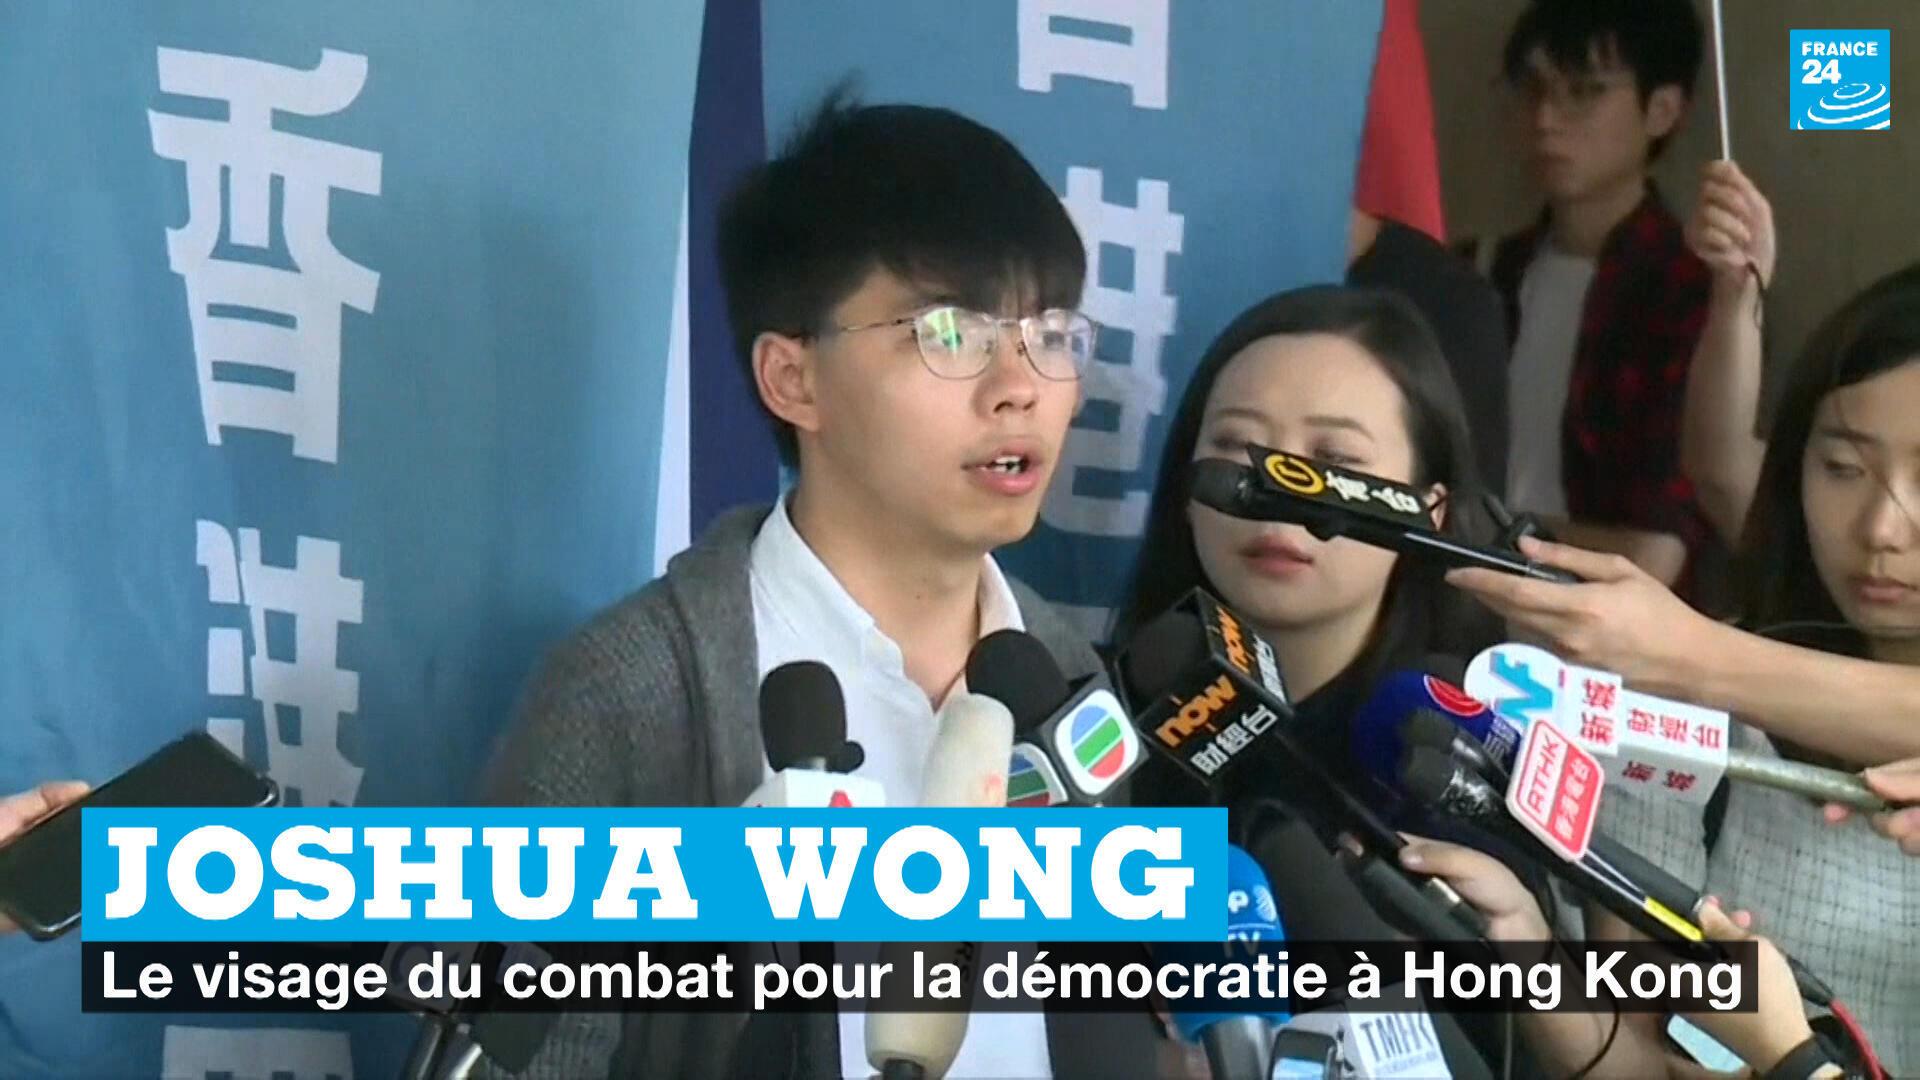 Joshua Wong : le visage du combat pour la démocratie à Hong Kong